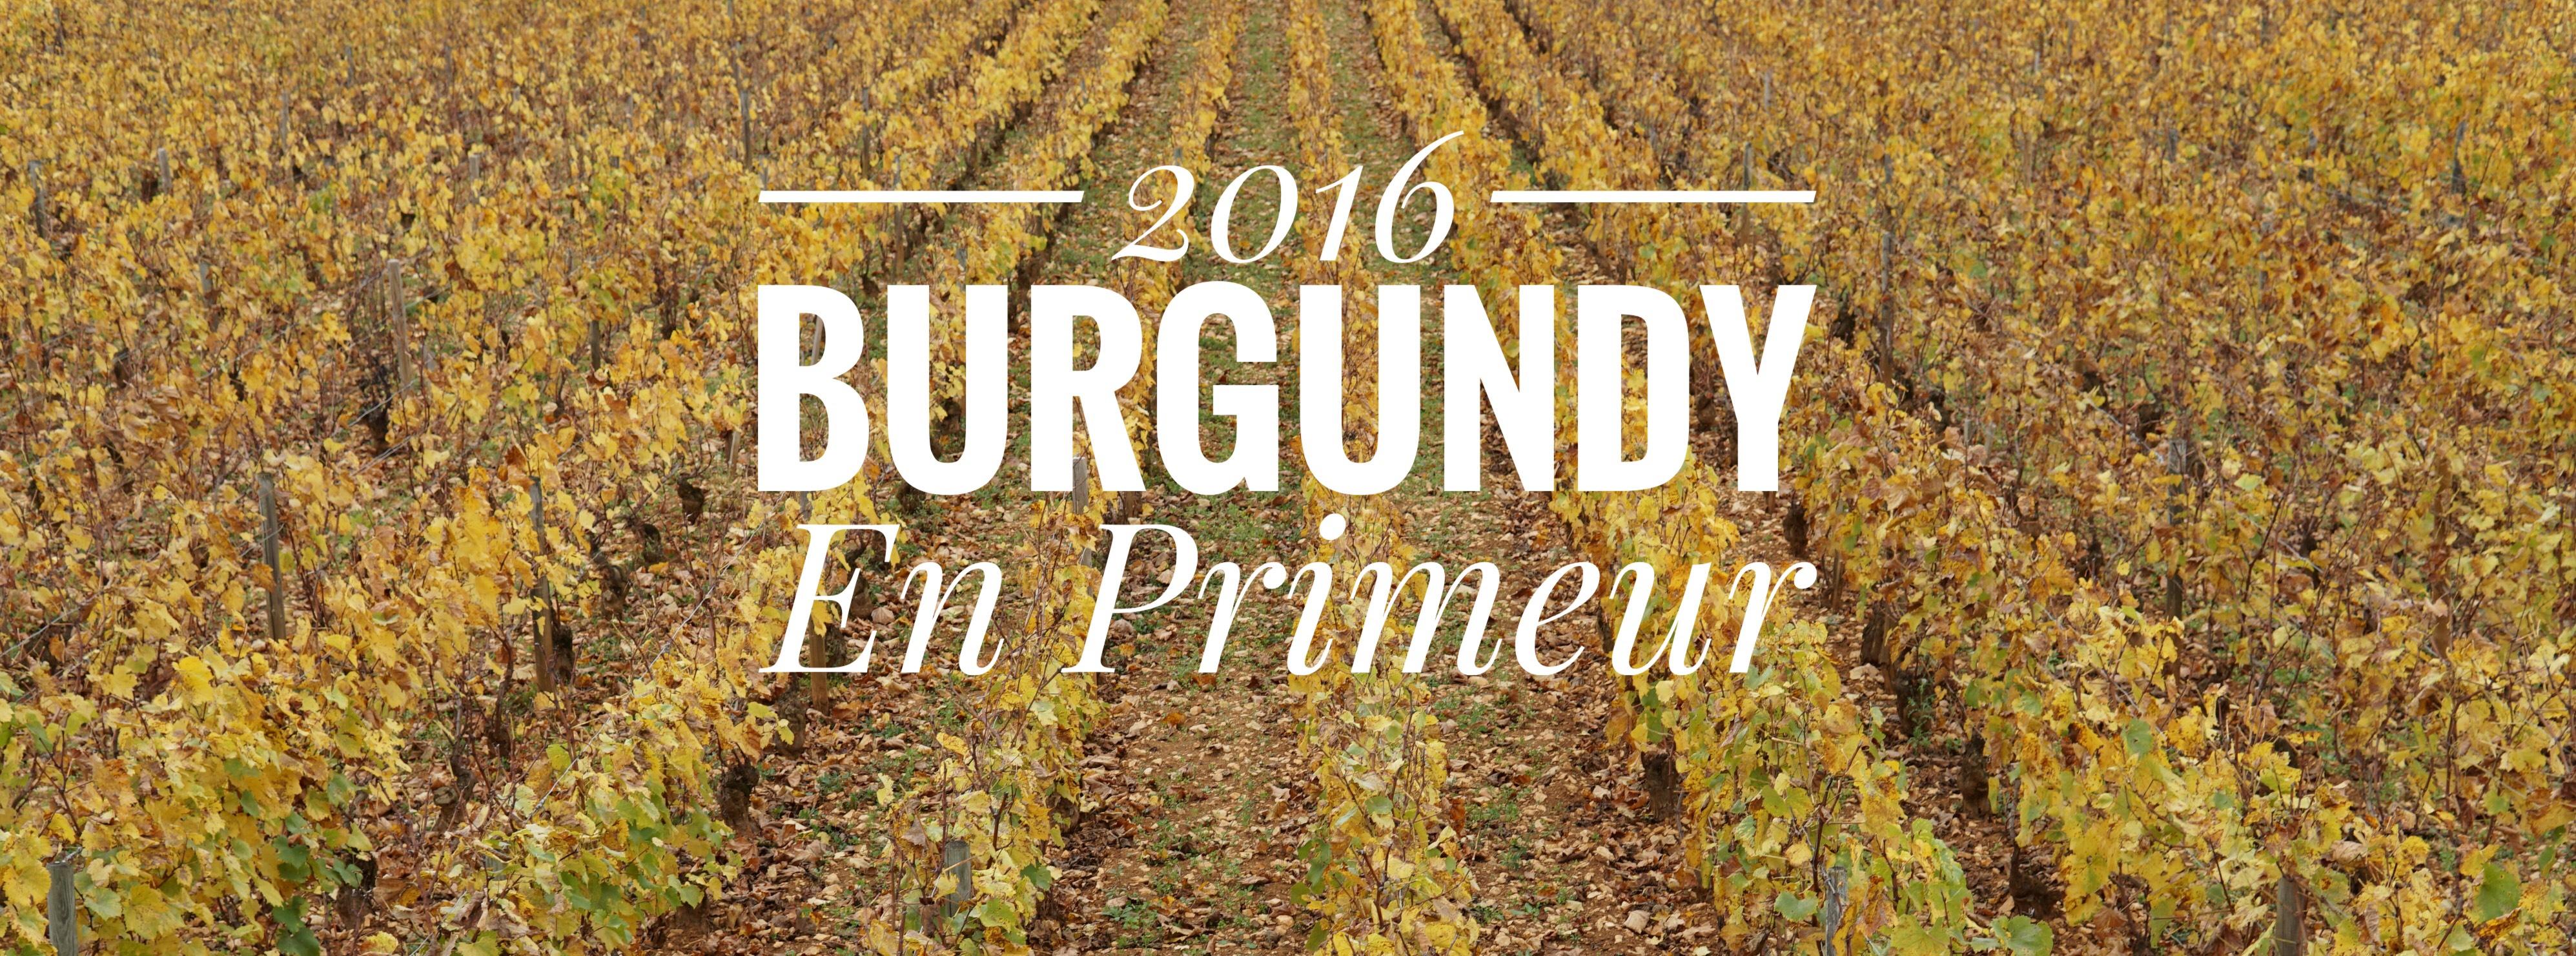 burgundy en premieur